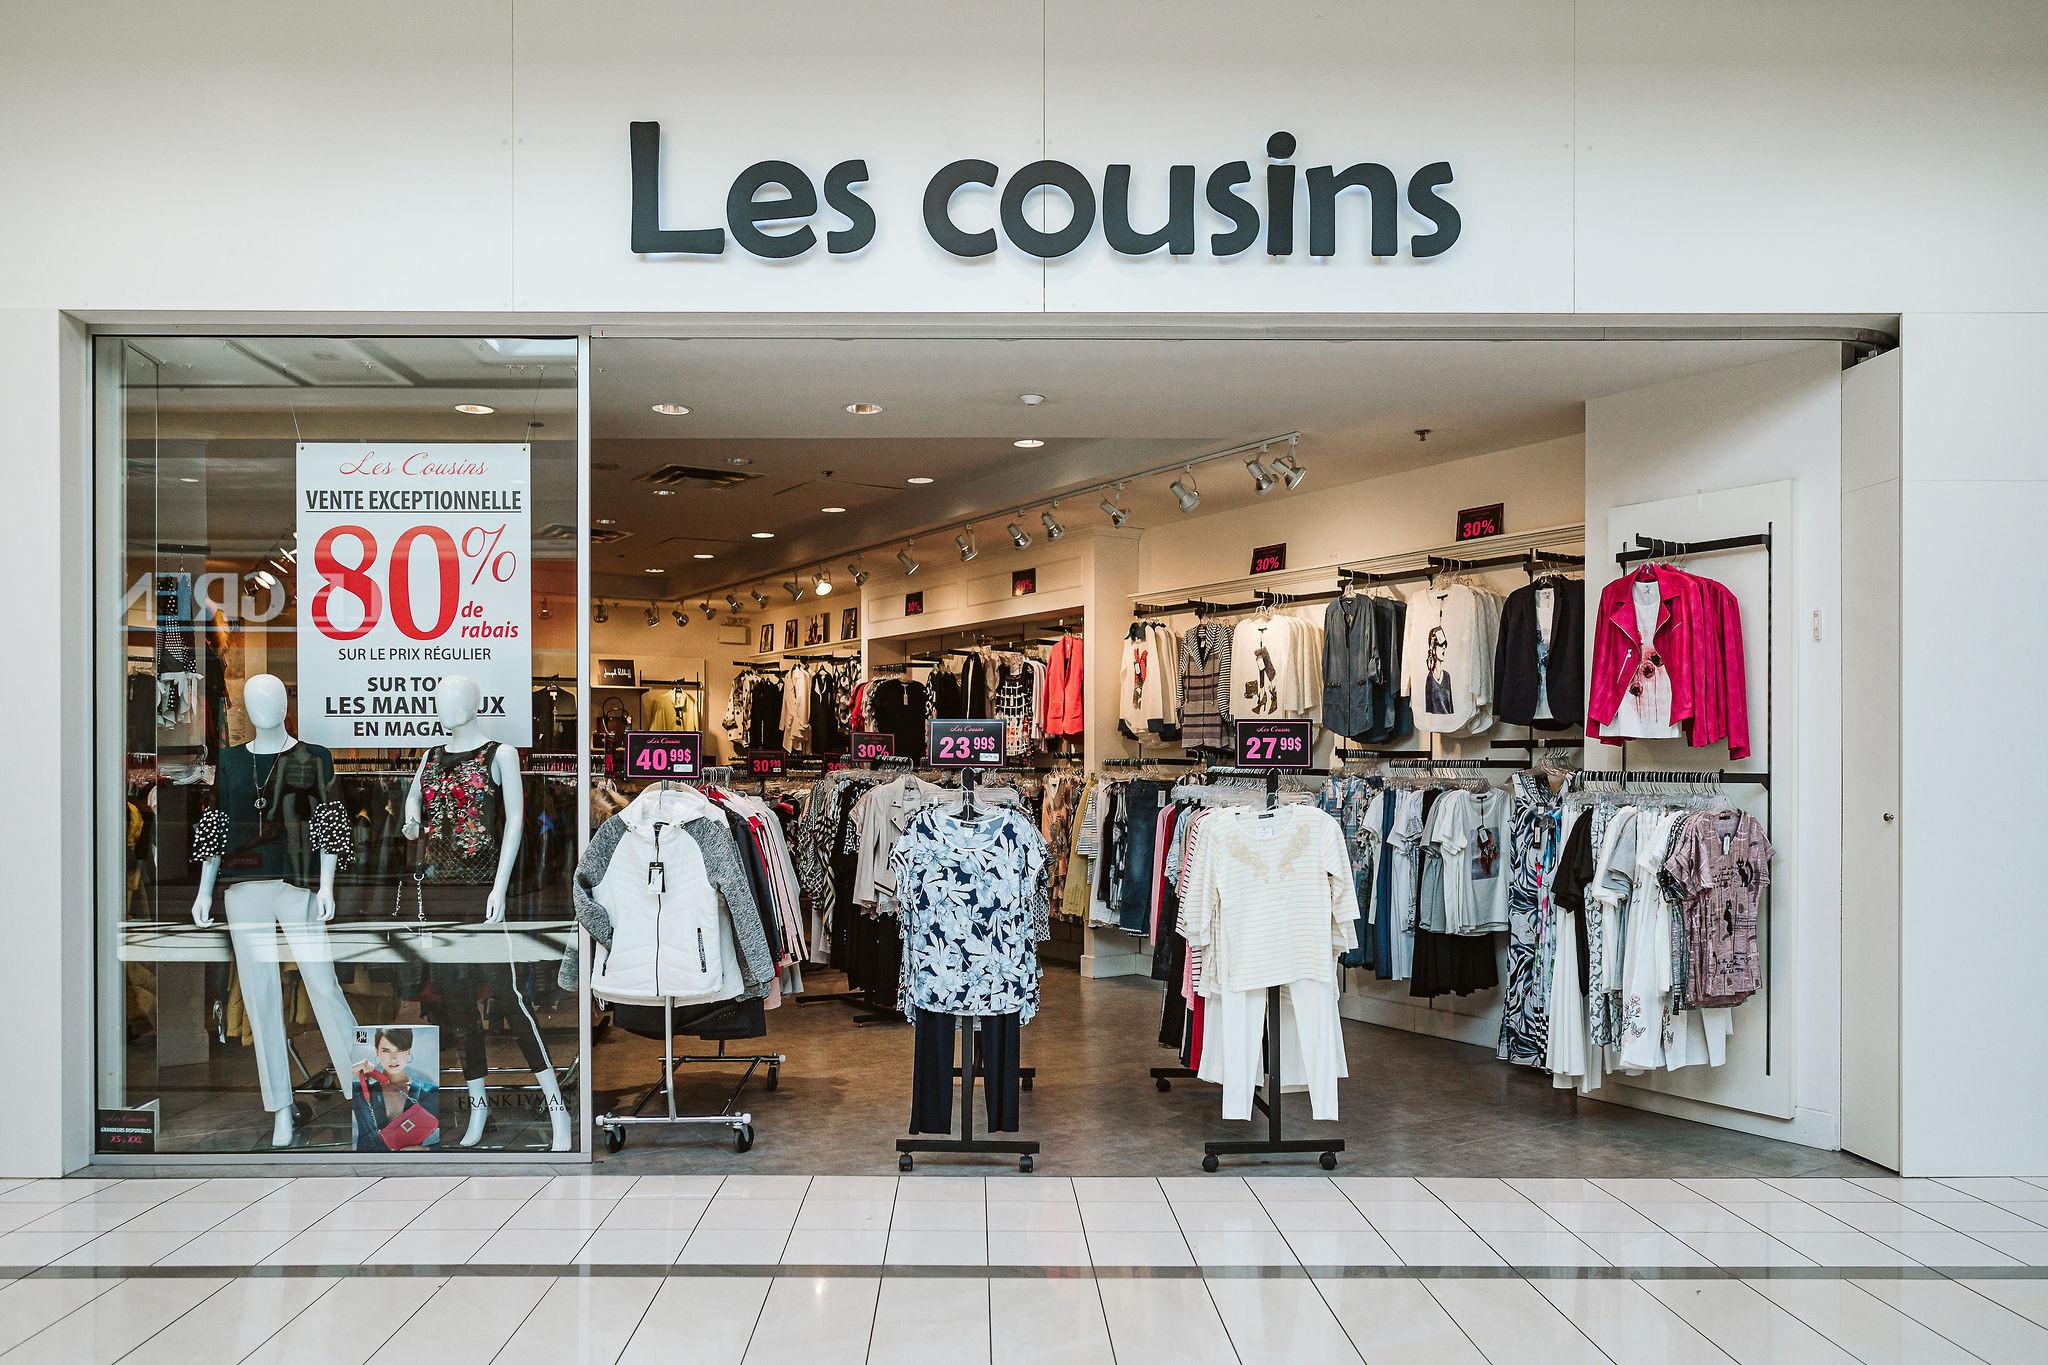 Les Cousins - Mail Champlain